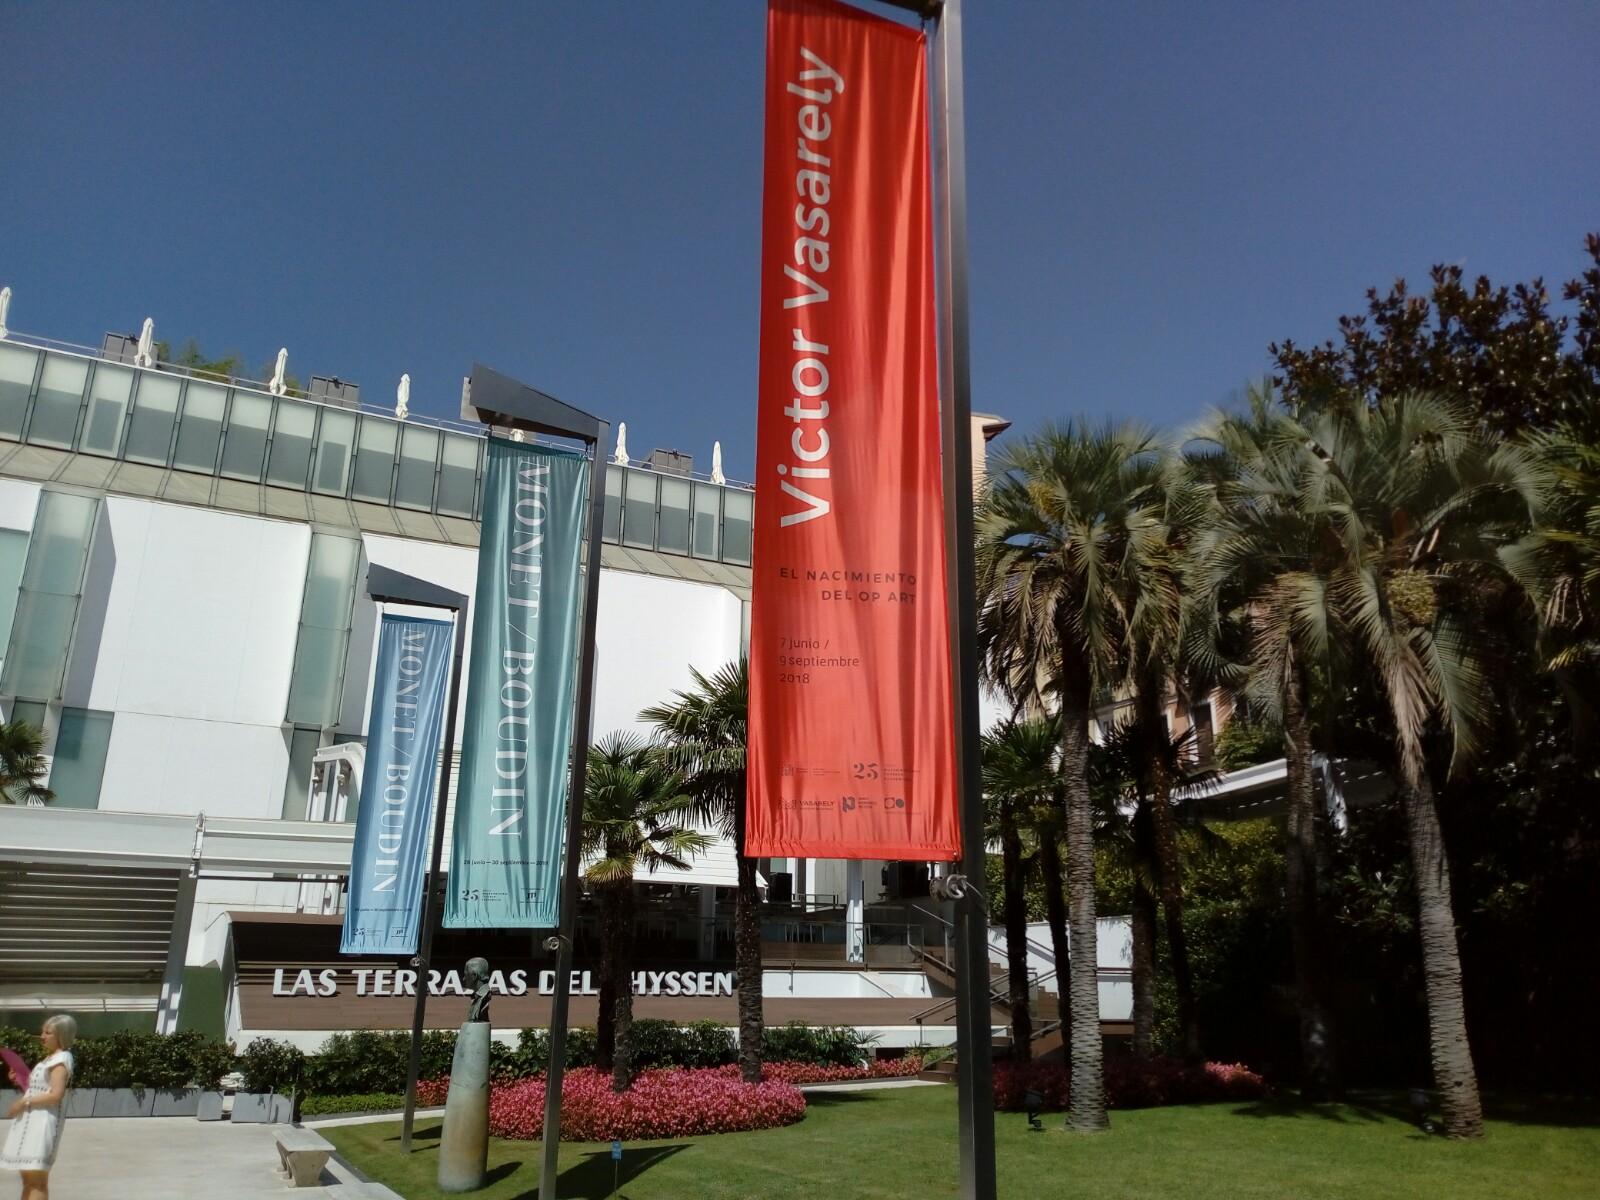 Víctor Vasarely. EL NACIMIENTO DEL OP-ART. Museo Thyssen Bornemisza. ¡¡Solo hasta el 9 de septiembre!!